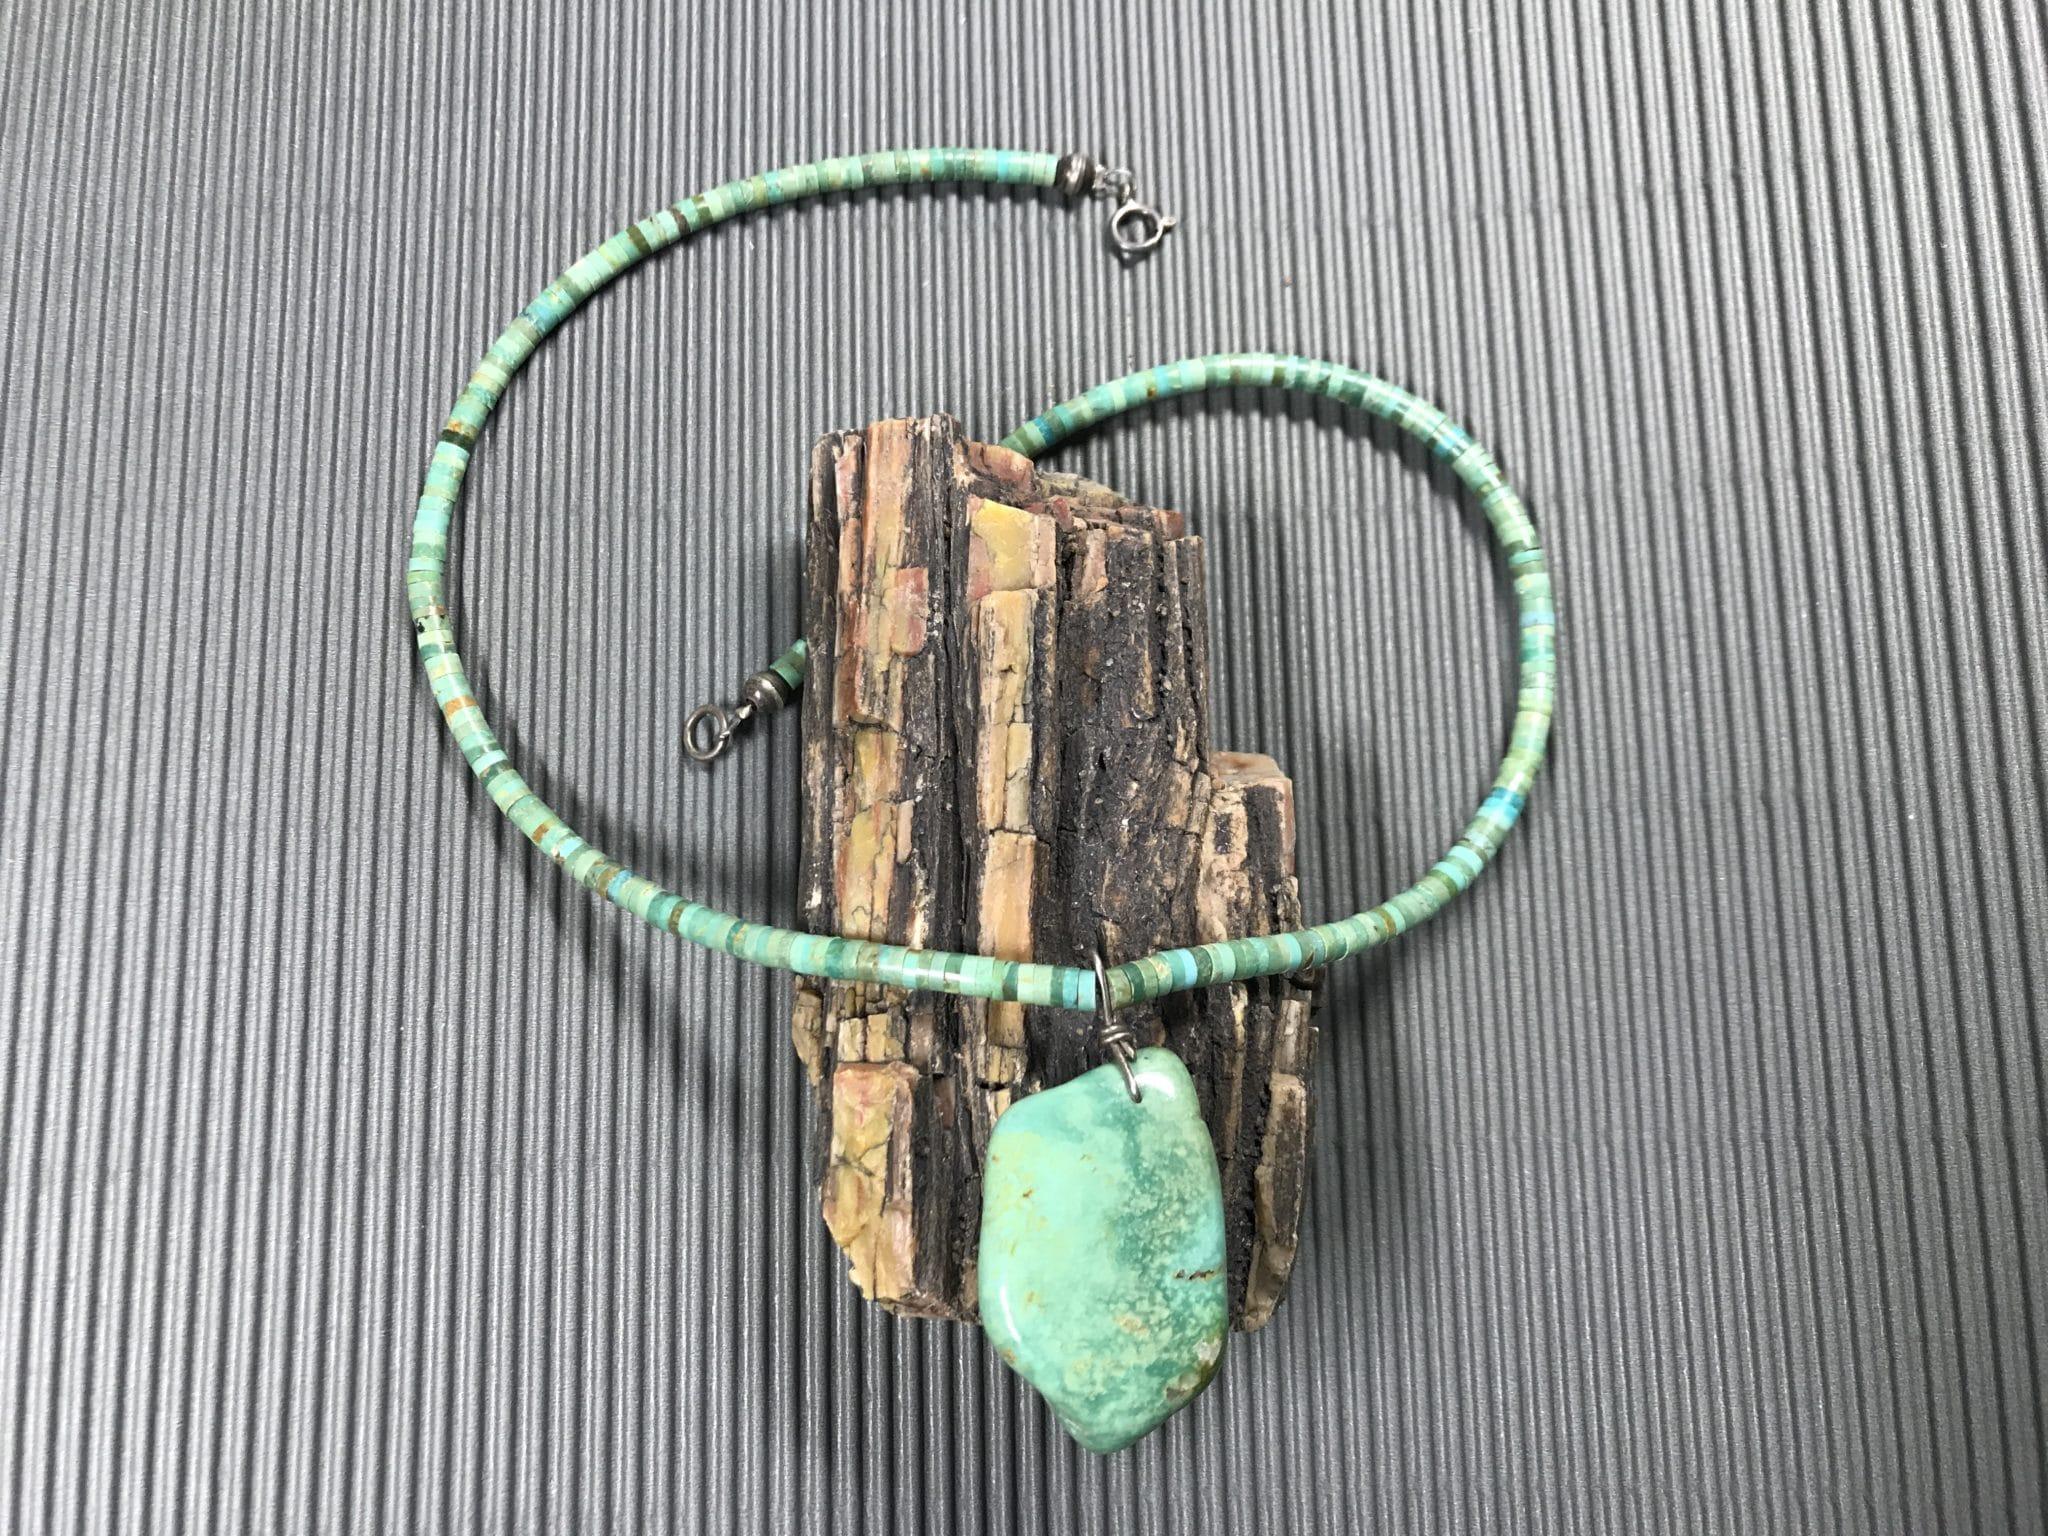 Halsschmuck von Native Americans